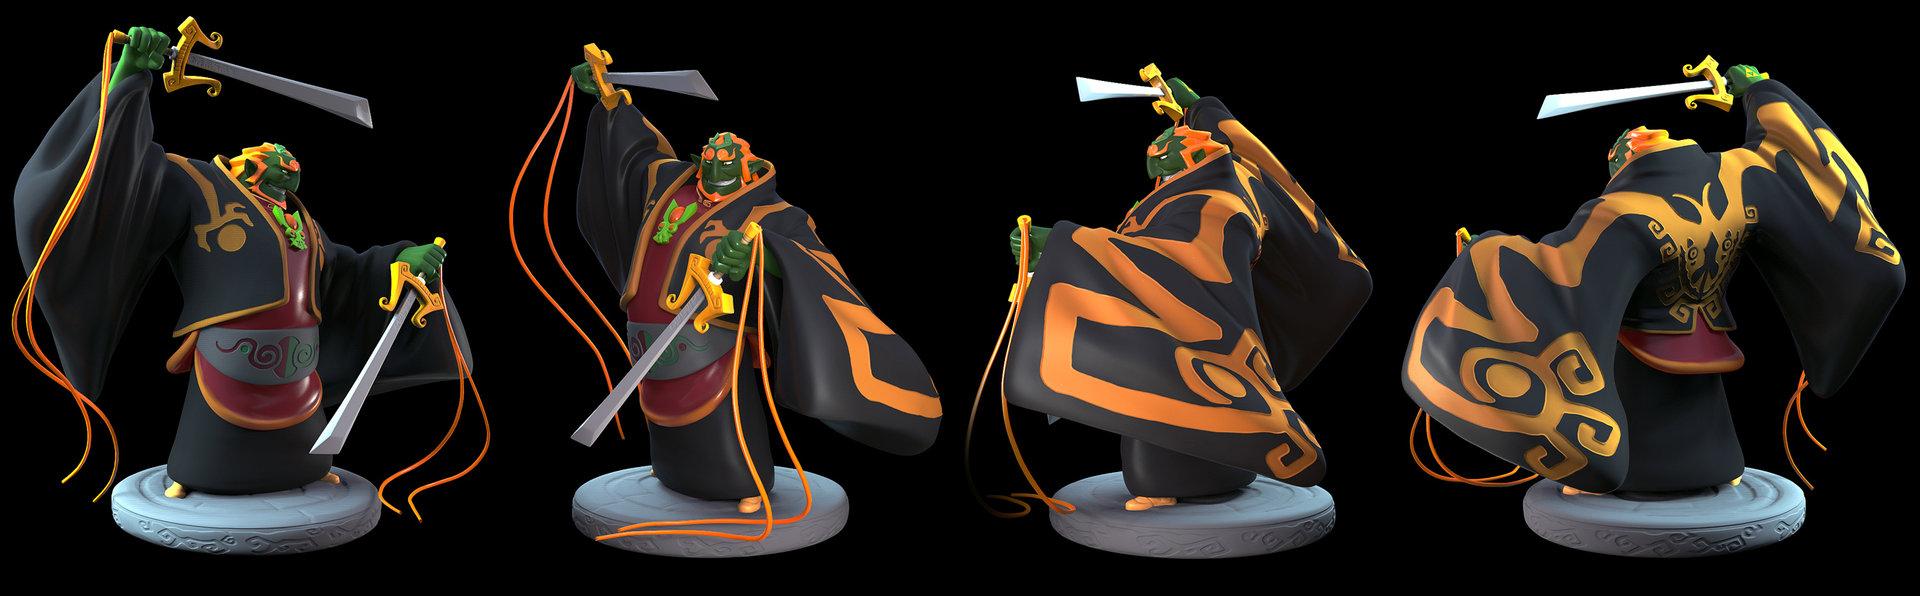 David Chung Windwaker Ganondorf Figure